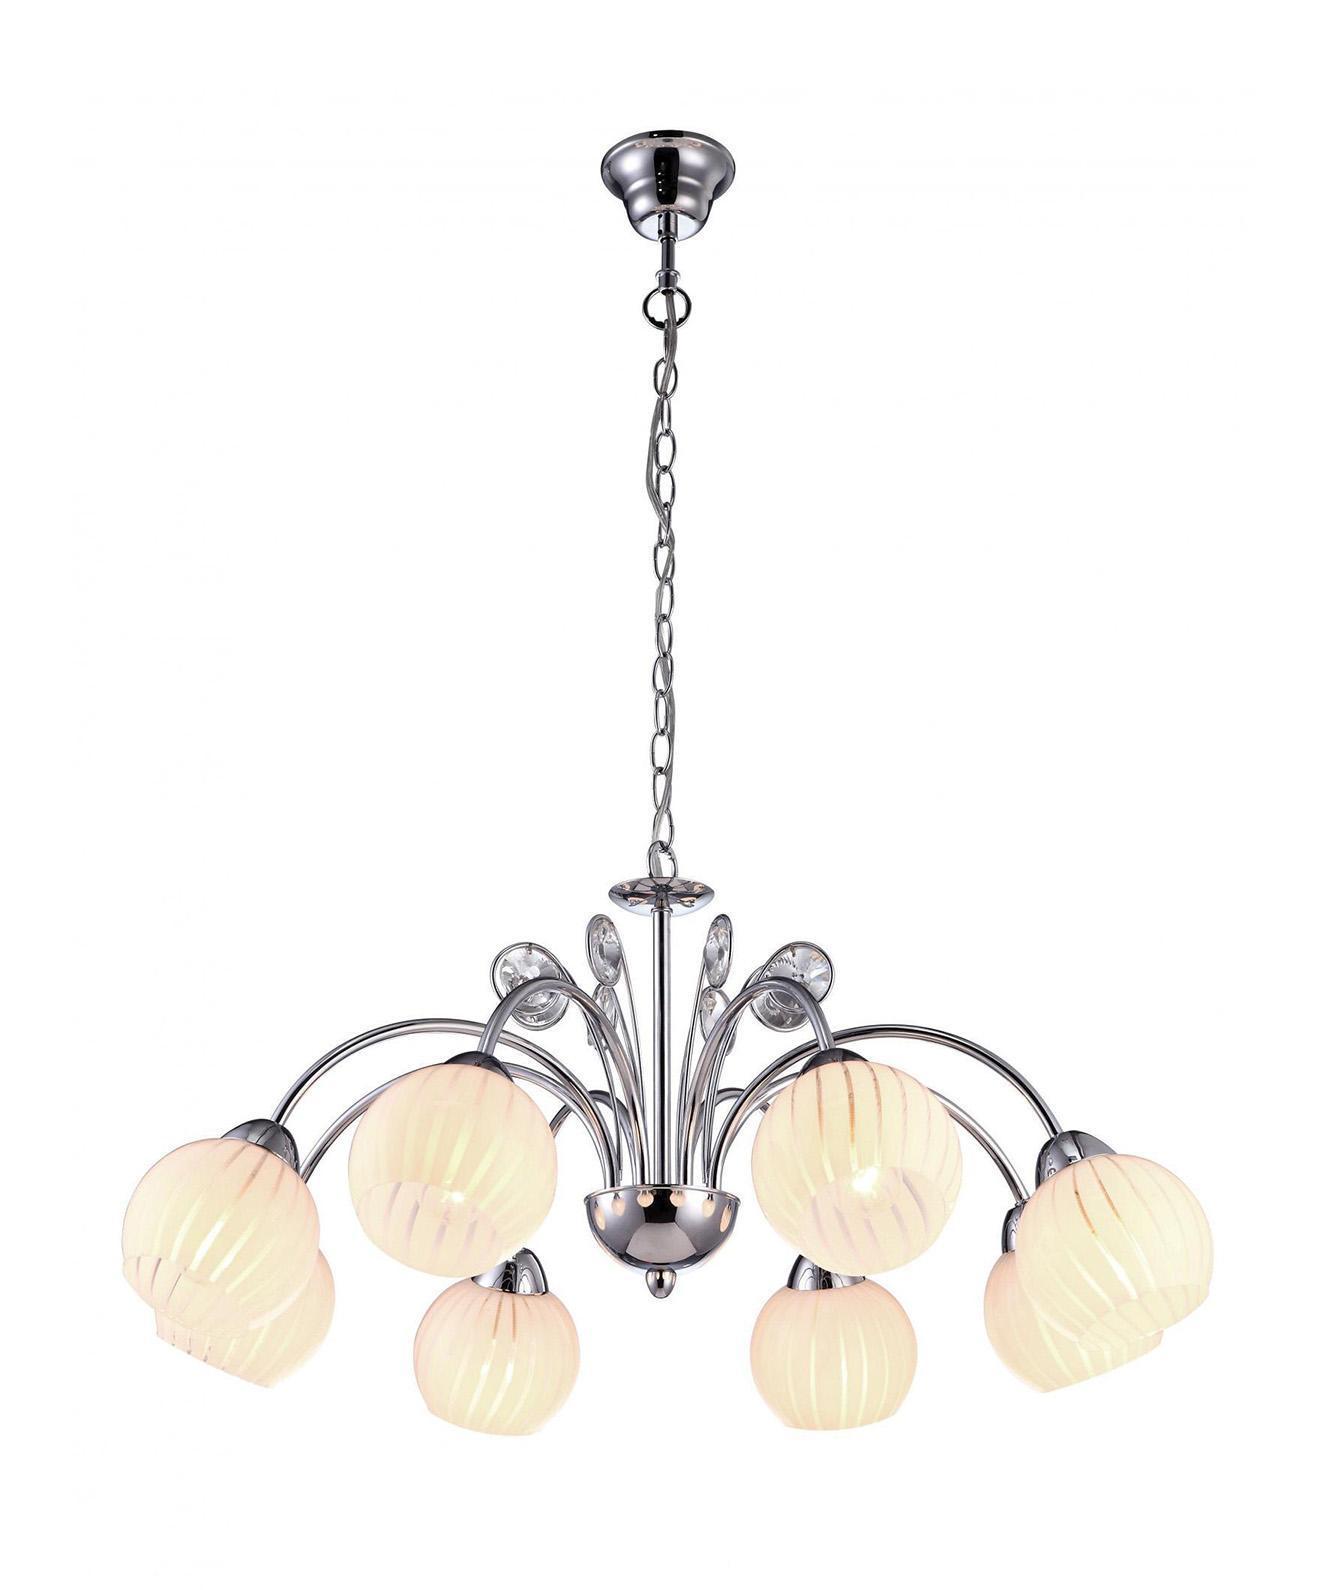 Люстра Arte lampЛюстры<br>Назначение светильника: для гостиной, Стиль светильника: модерн, Тип: подвесная, Материал светильника: металл, стекло, Материал плафона: стекло, Материал арматуры: металл, Диаметр: 740, Высота: 860, Количество ламп: 8, Тип лампы: накаливания, Мощность: 320, Патрон: Е14, Цвет арматуры: серебристый, Родина бренда: Италия, Коллекция: 9524<br>